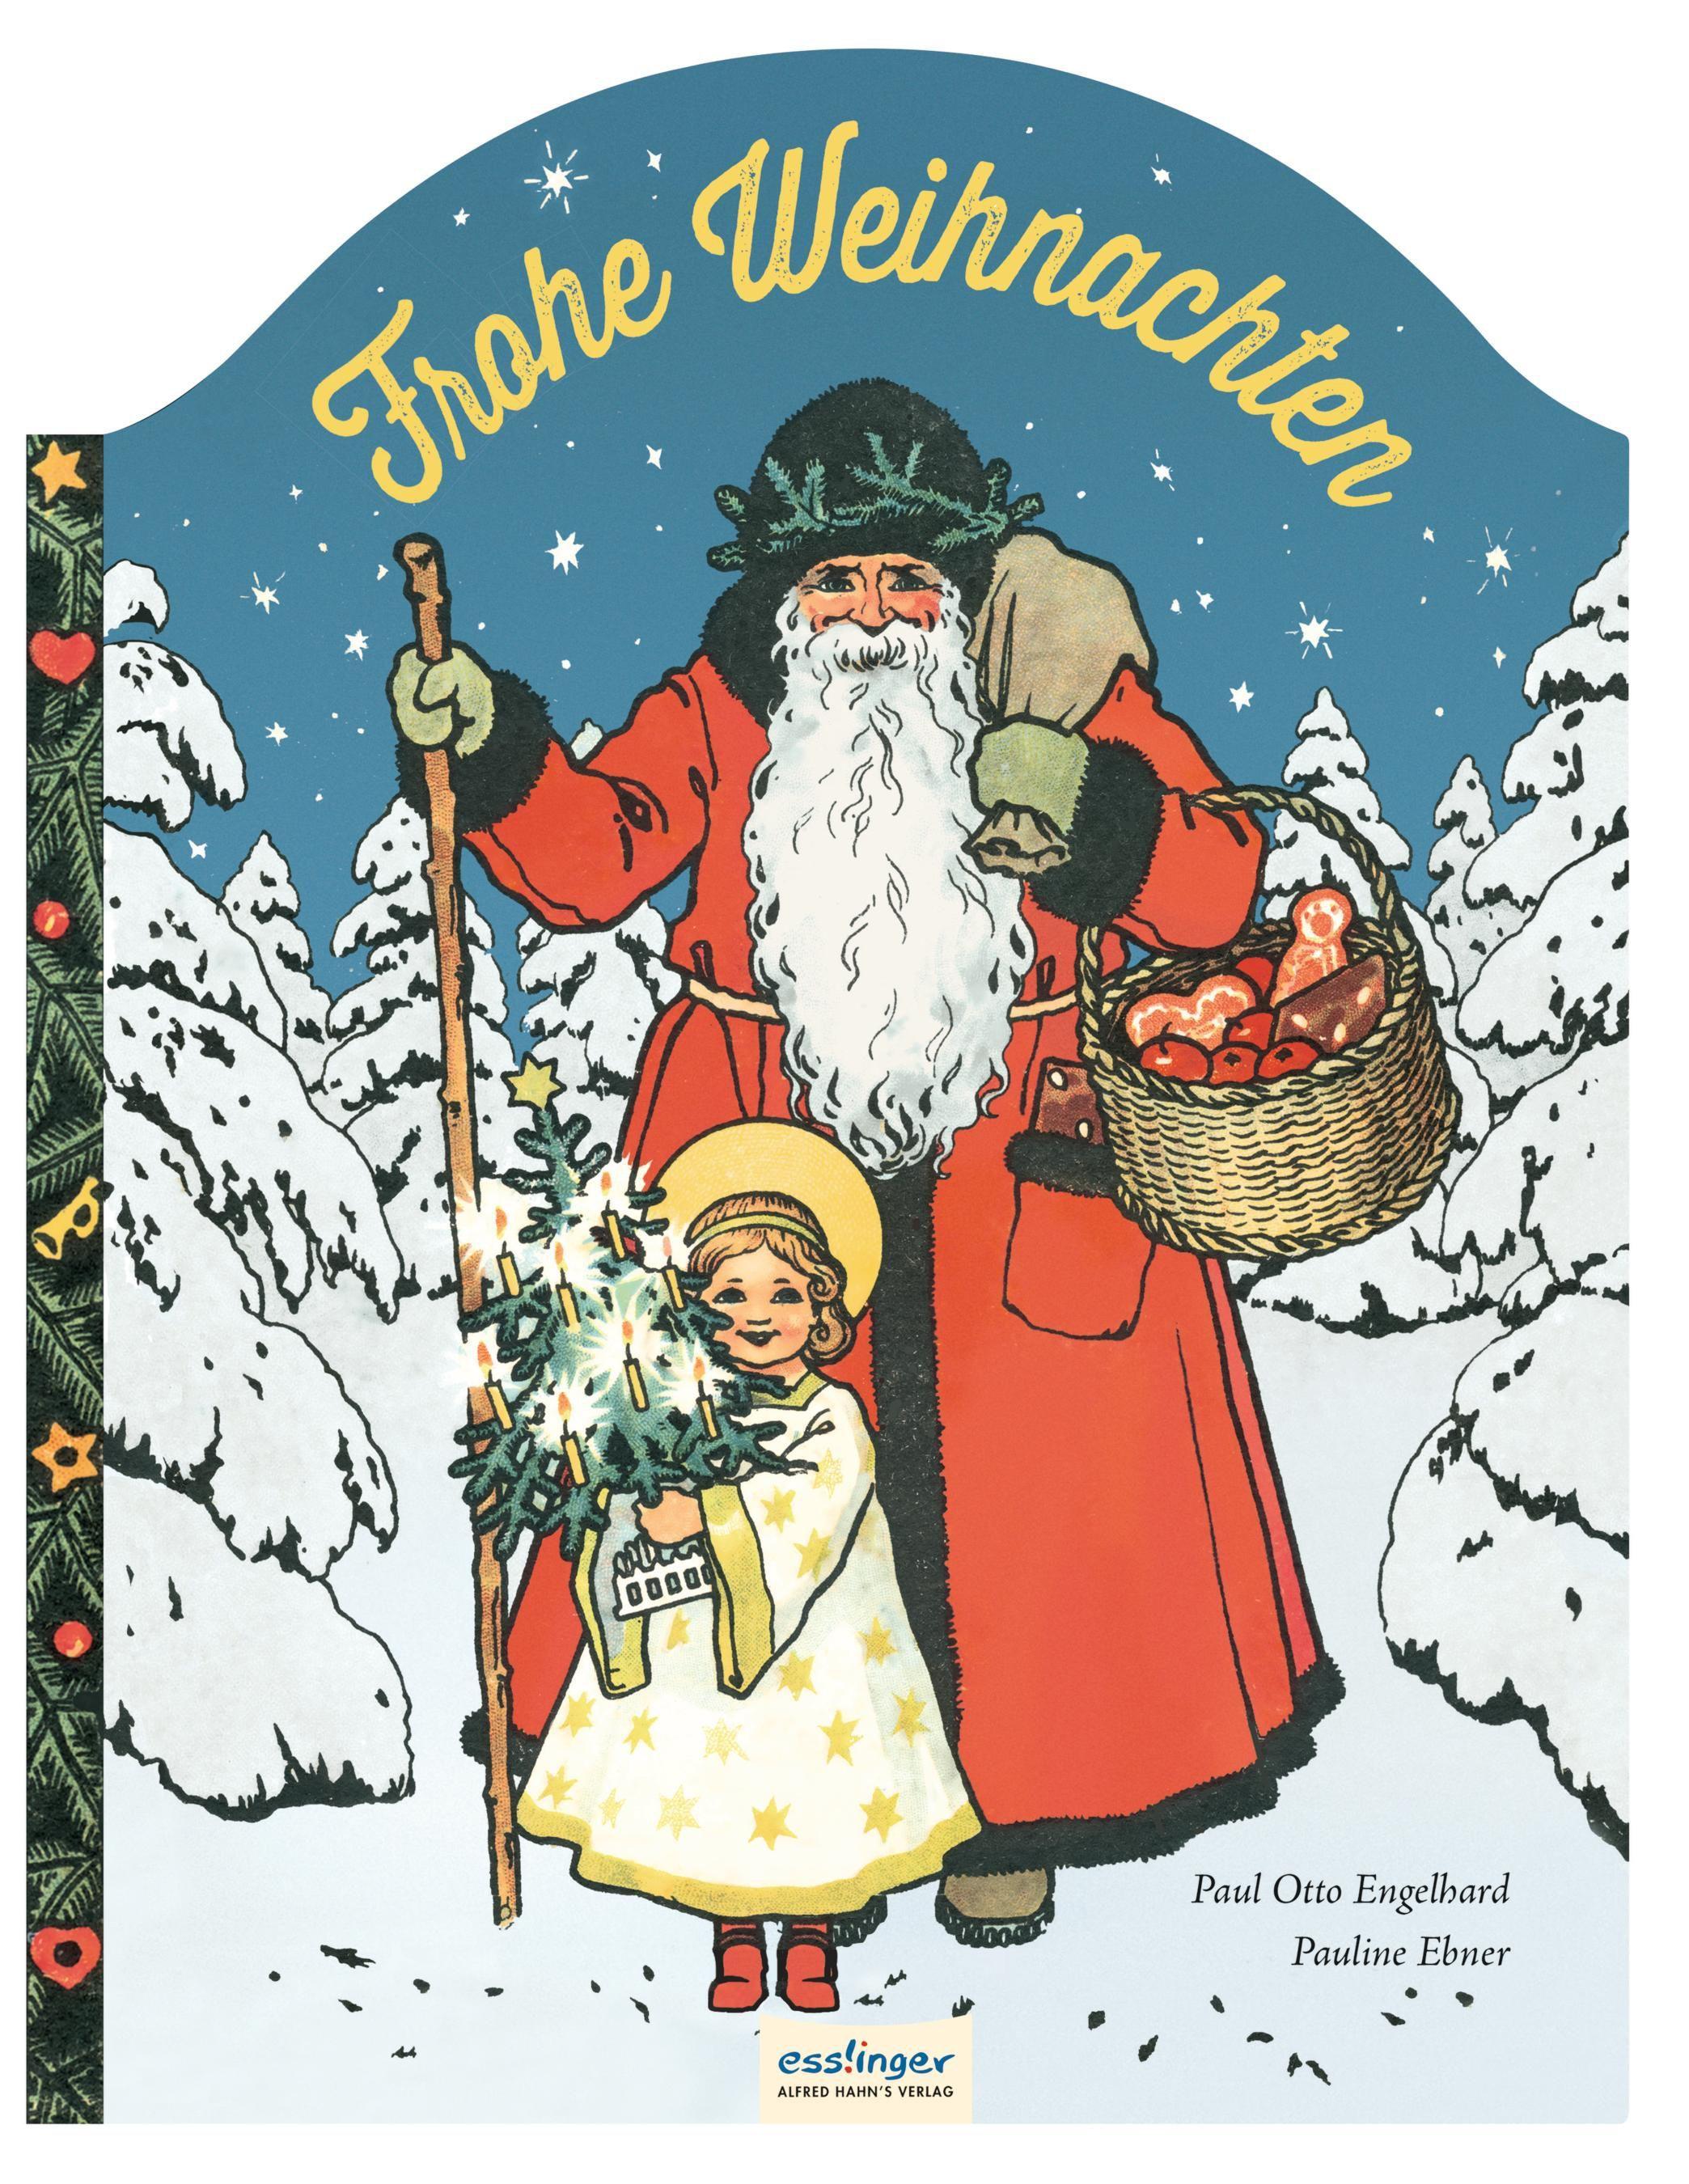 Weihnachtsgrüße Christkind.Frohe Weihnachten Von Ebner Pauline Engelhard Paul Otto